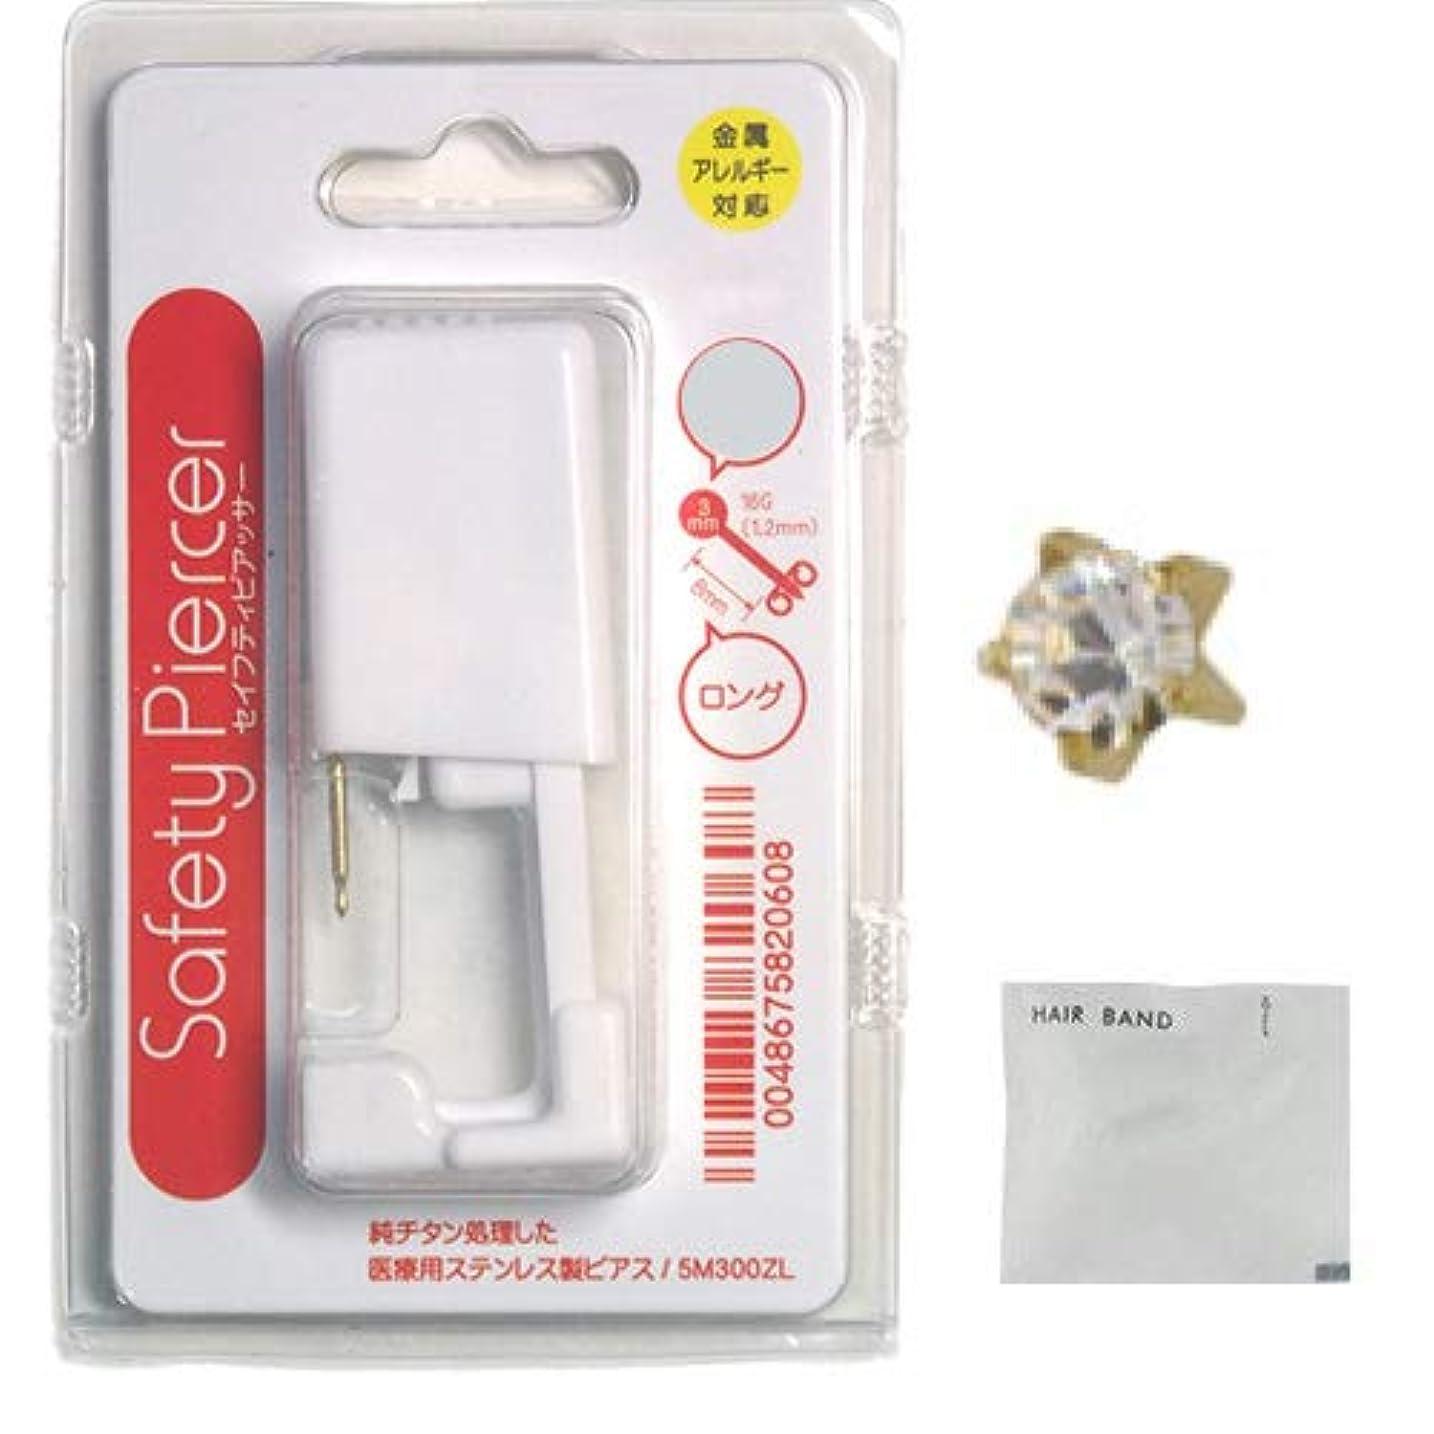 計算するキャスト生き返らせるセイフティピアッサー シャンパンゴールド チタンロングタイプ(片耳用) 5M104WL 4月ダイヤモンド+ ヘアゴム(カラーはおまかせ)セット